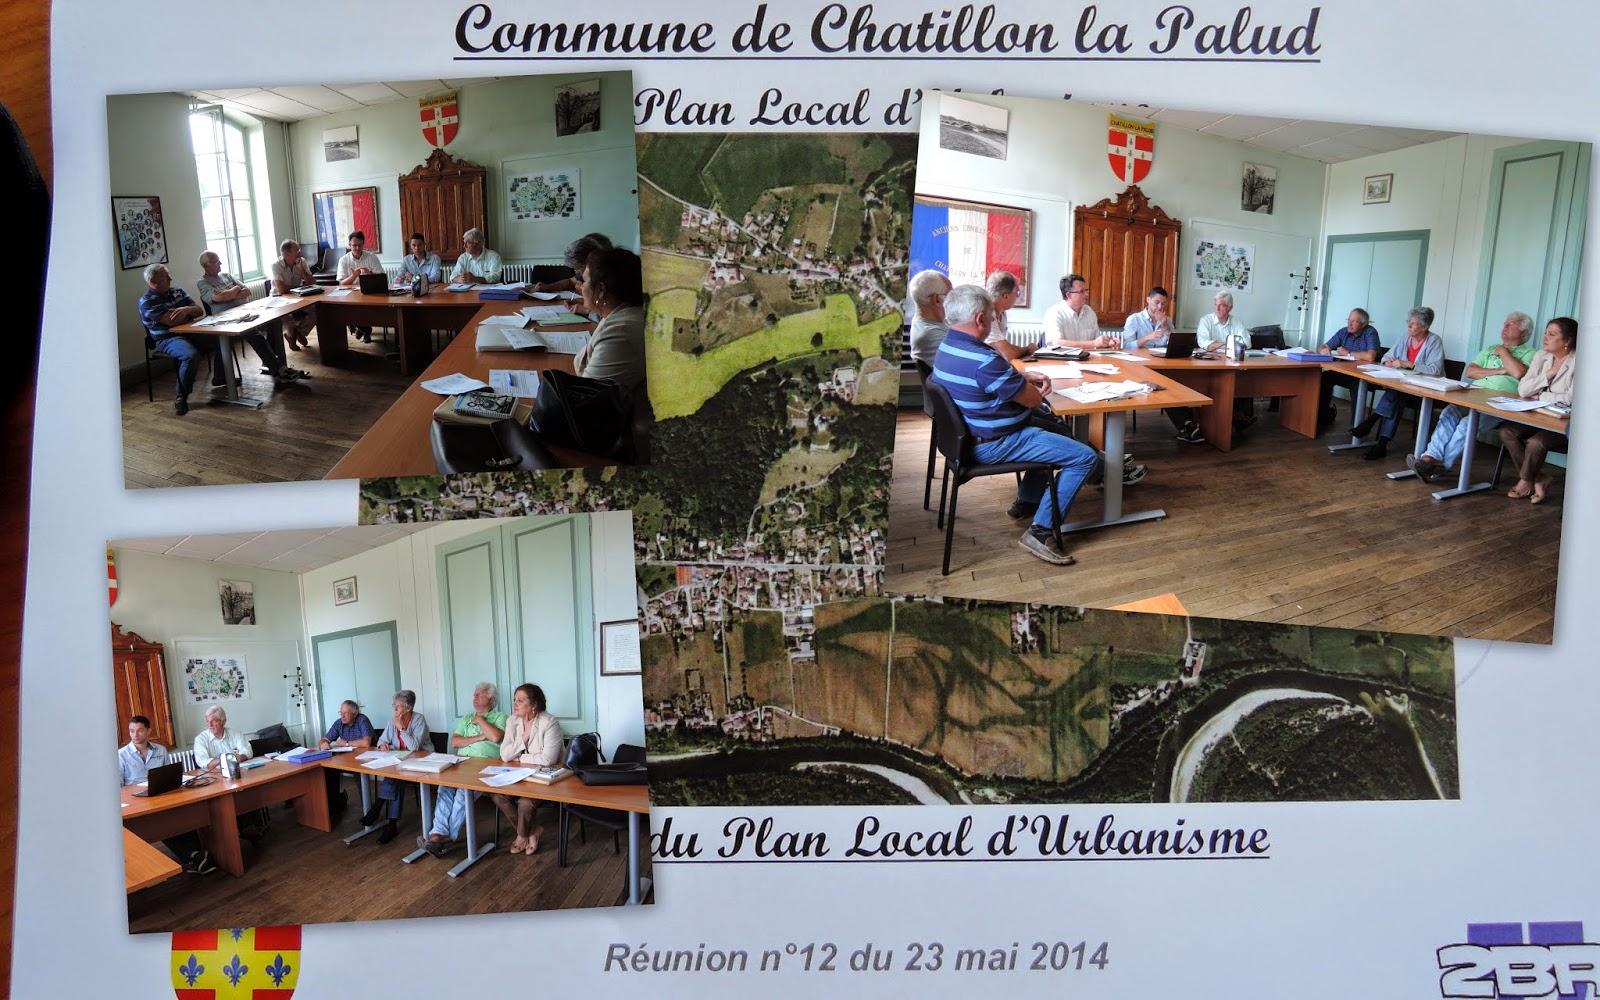 Piscine à Châtillon sur Chalaronne 01 Les horaires Le Figaro